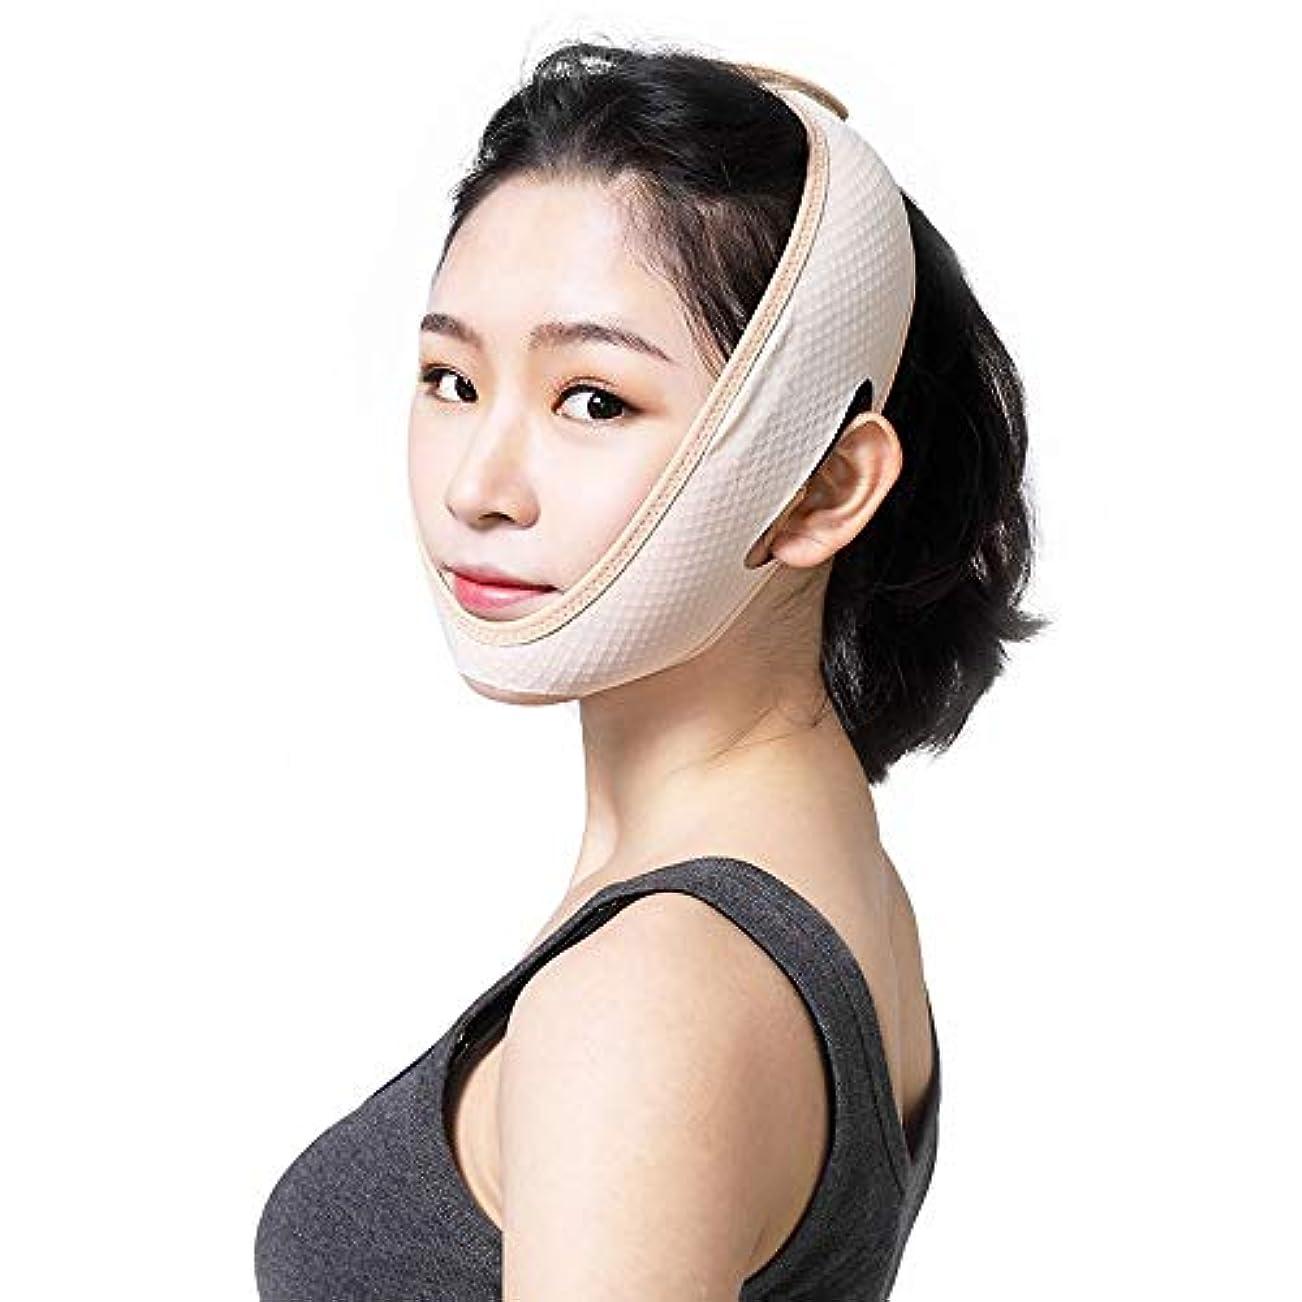 メディア好奇心盛ライフルJia Jia- シンフェイスアーティファクトVフェイスタイトリフティングフェイスリフトシンダブルチン男性と女性フェイス包帯マスク 顔面包帯